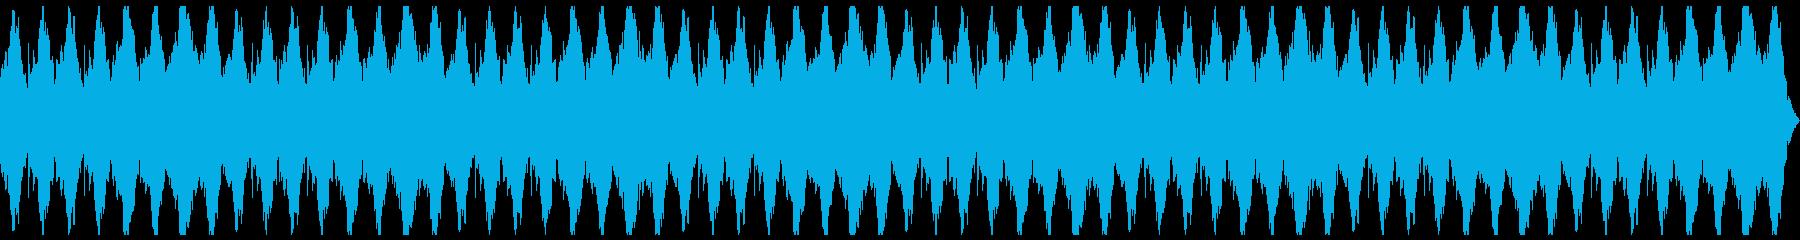 不気味ホラー 不協和音シンセバイオリンの再生済みの波形